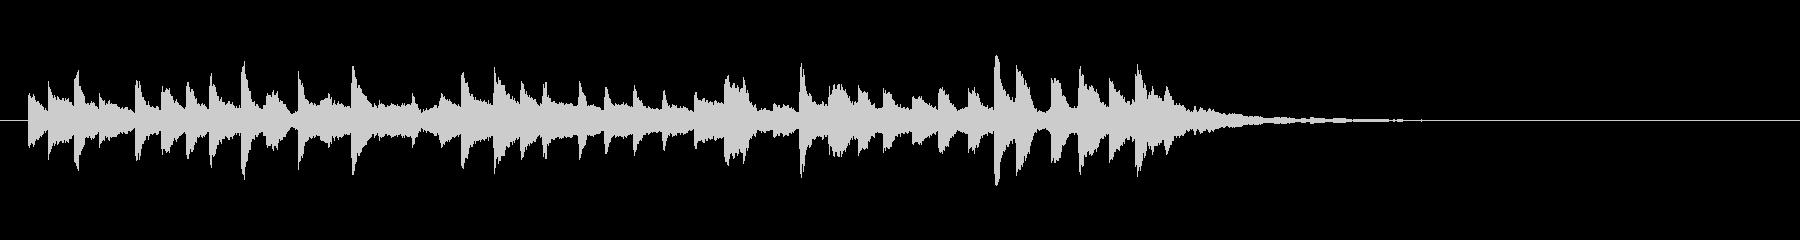 和製ベルの鈴(れい)の清らかな音+FXの未再生の波形